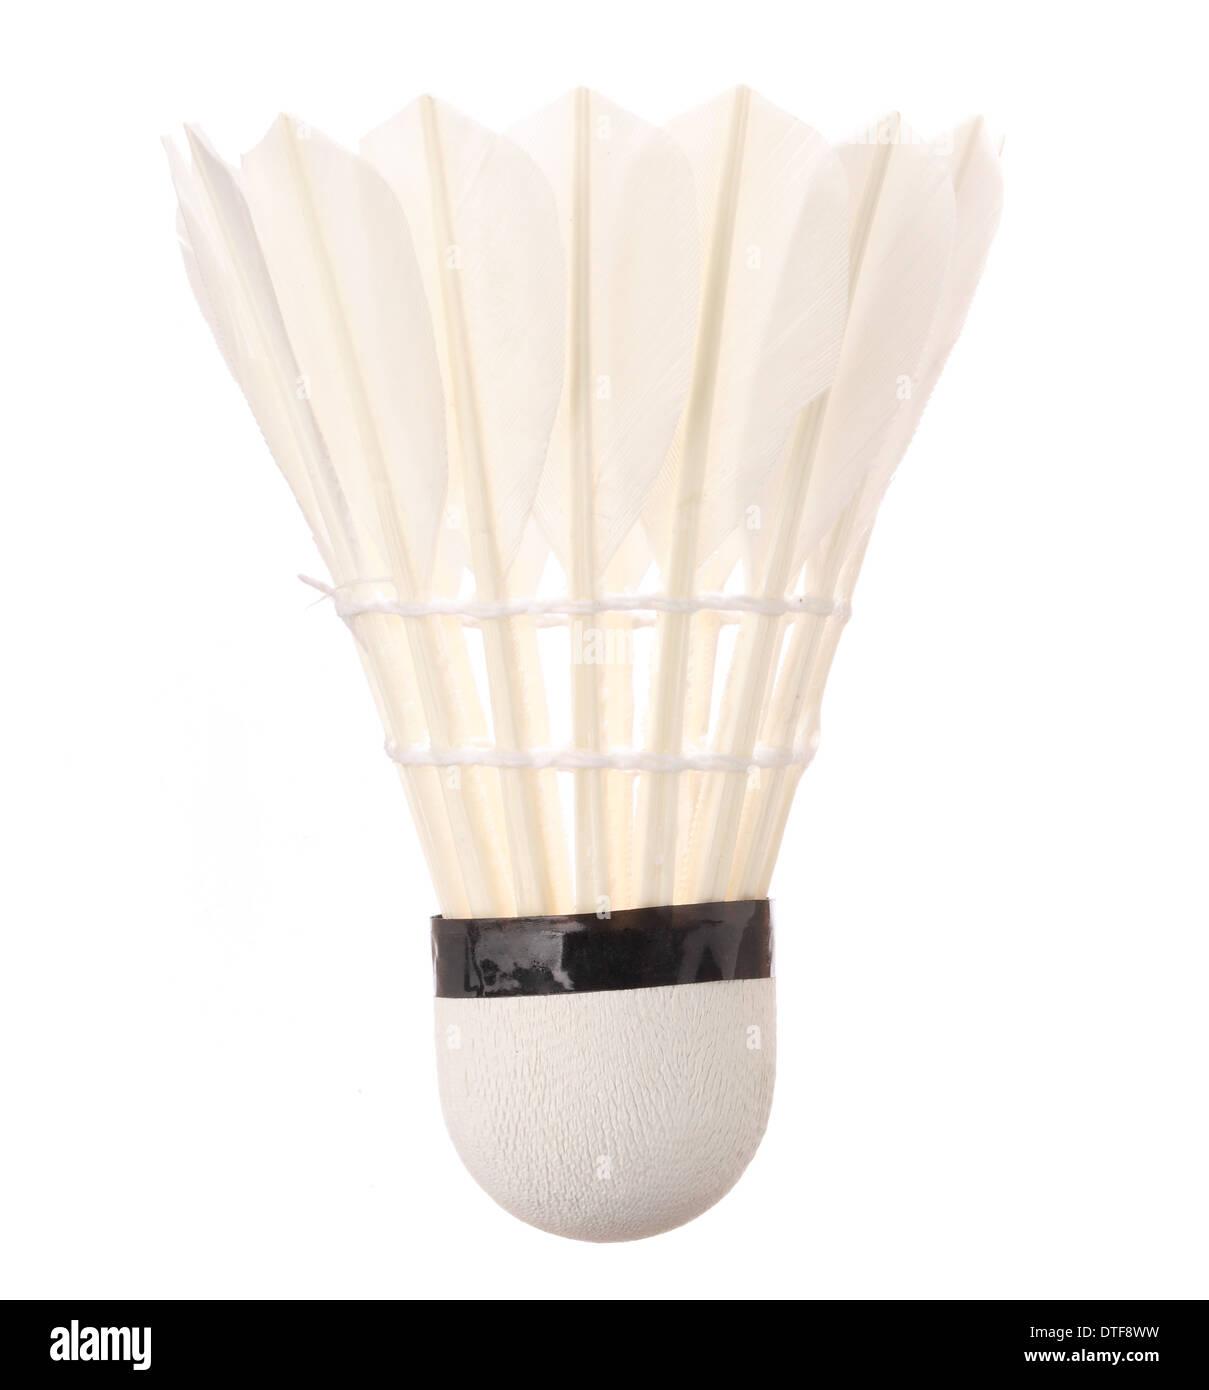 Uno badminton volano isolati su sfondo bianco Immagini Stock